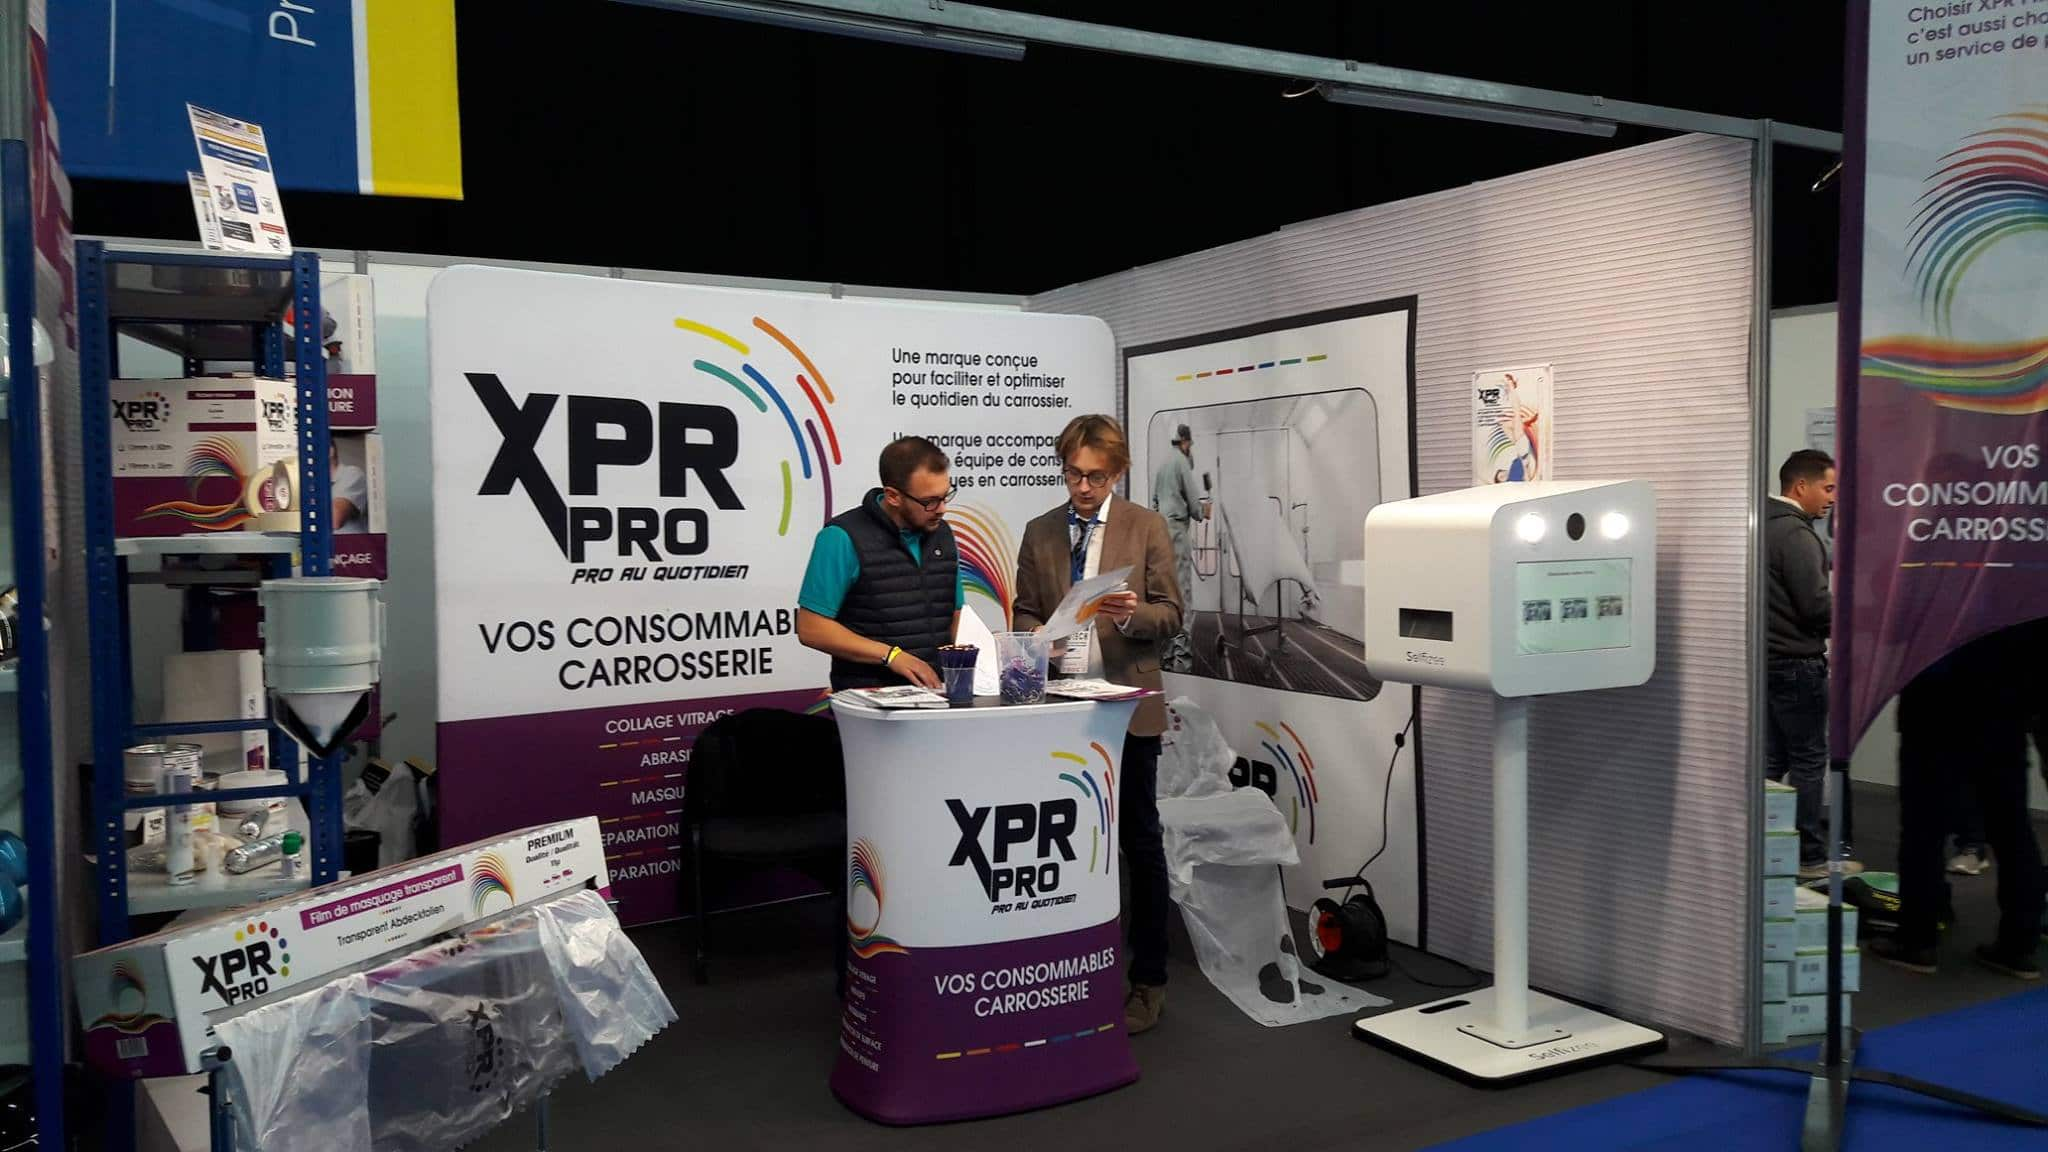 Animation borne photo stand XPR Pro au salon Inotech 2018 à la Grande Halle d'Auvergne dans l'agglomération de Clermont Ferrand avec selfies personnalisés pour les visiteurs